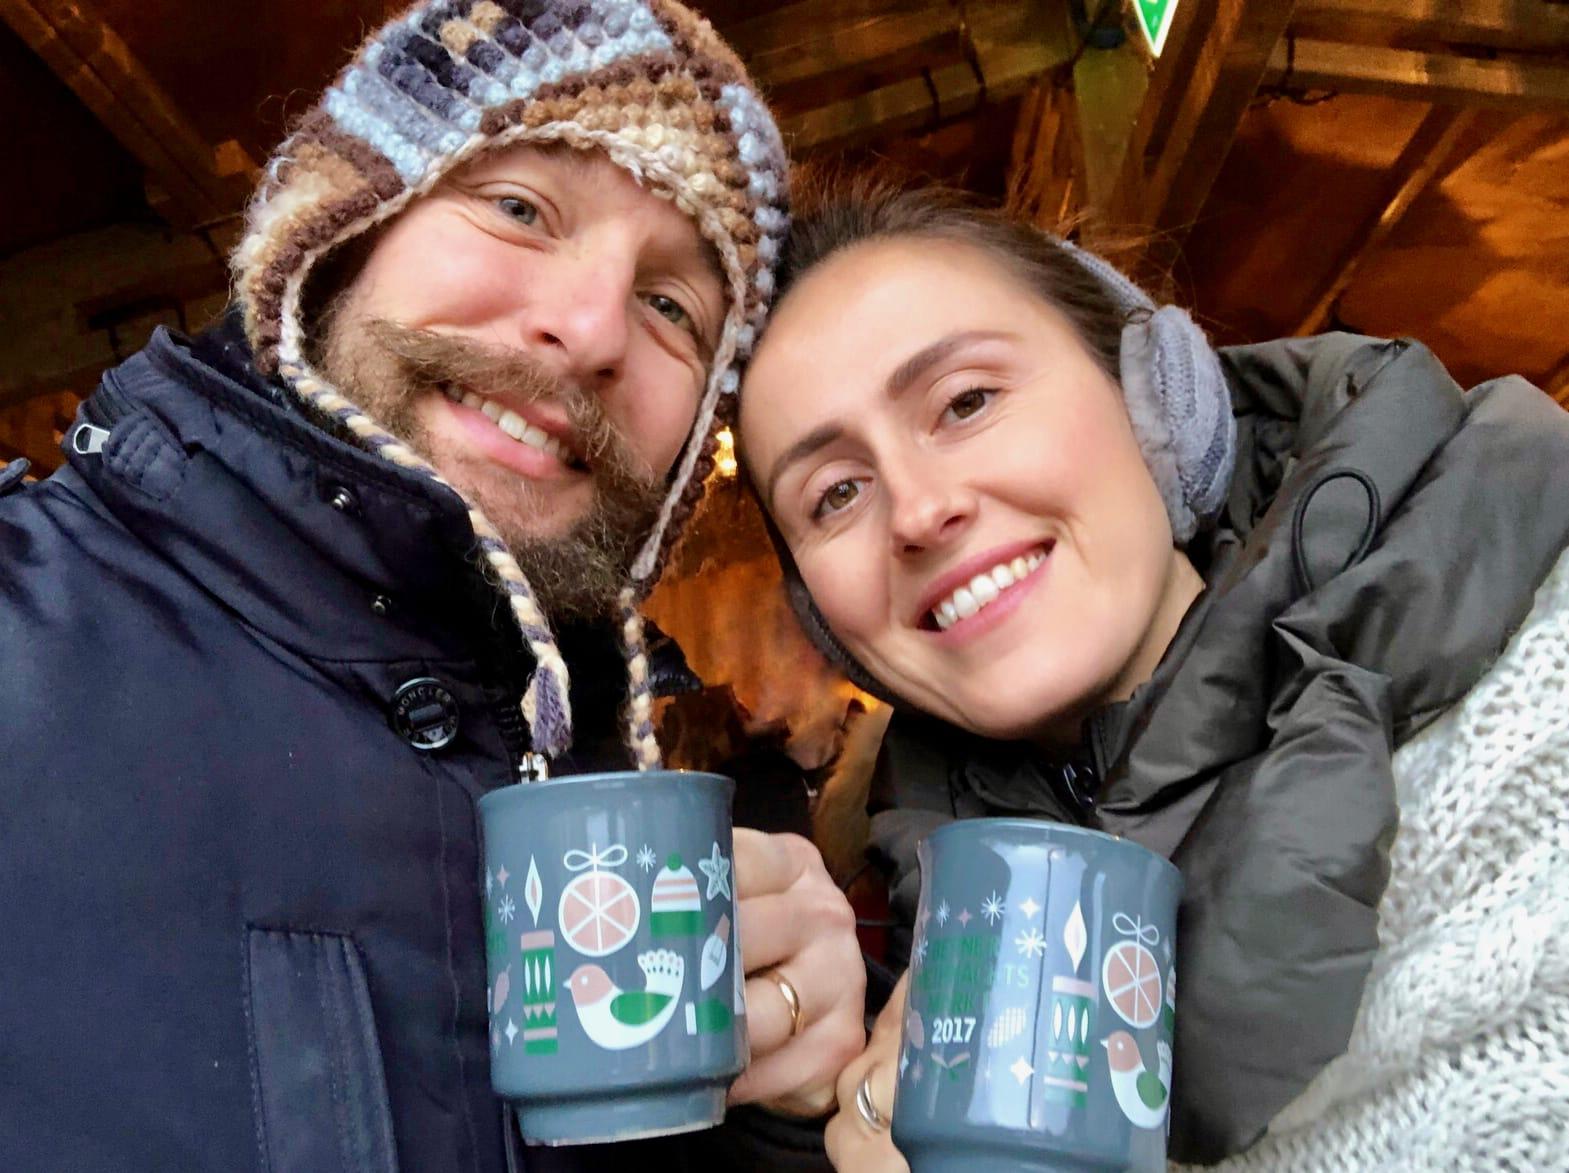 Noi con una tazza di Gluhwein, Berna